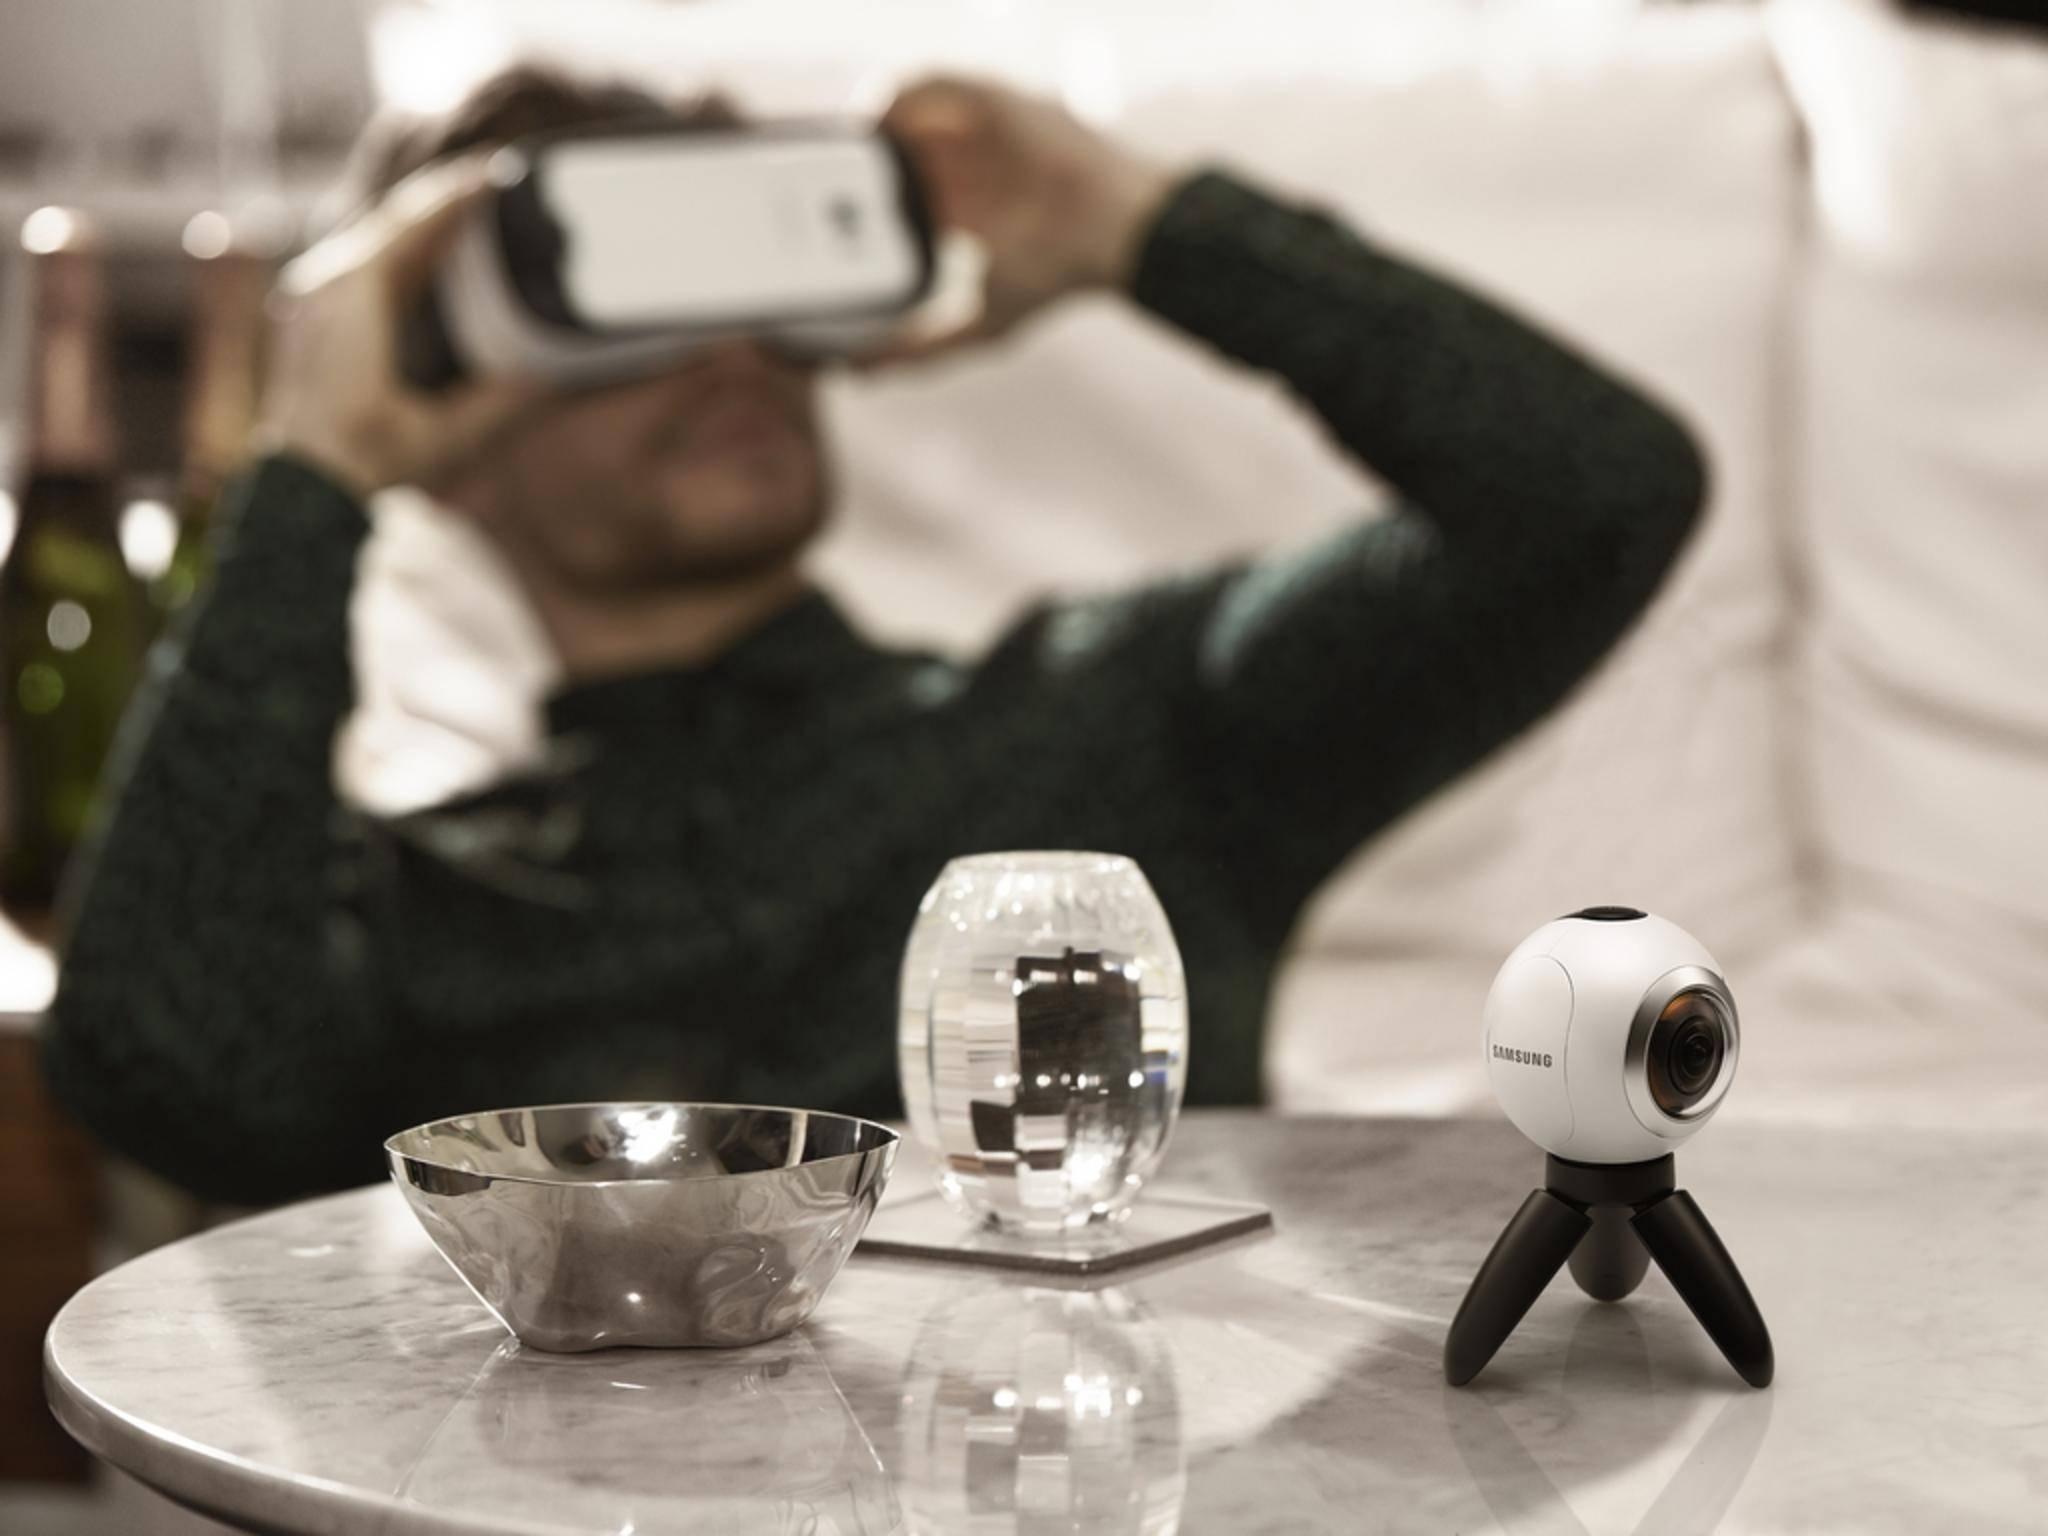 Die Gear 360 filmt Rundumbilder, die mit Galaxy S7 und Gear VR angesehen werden können.